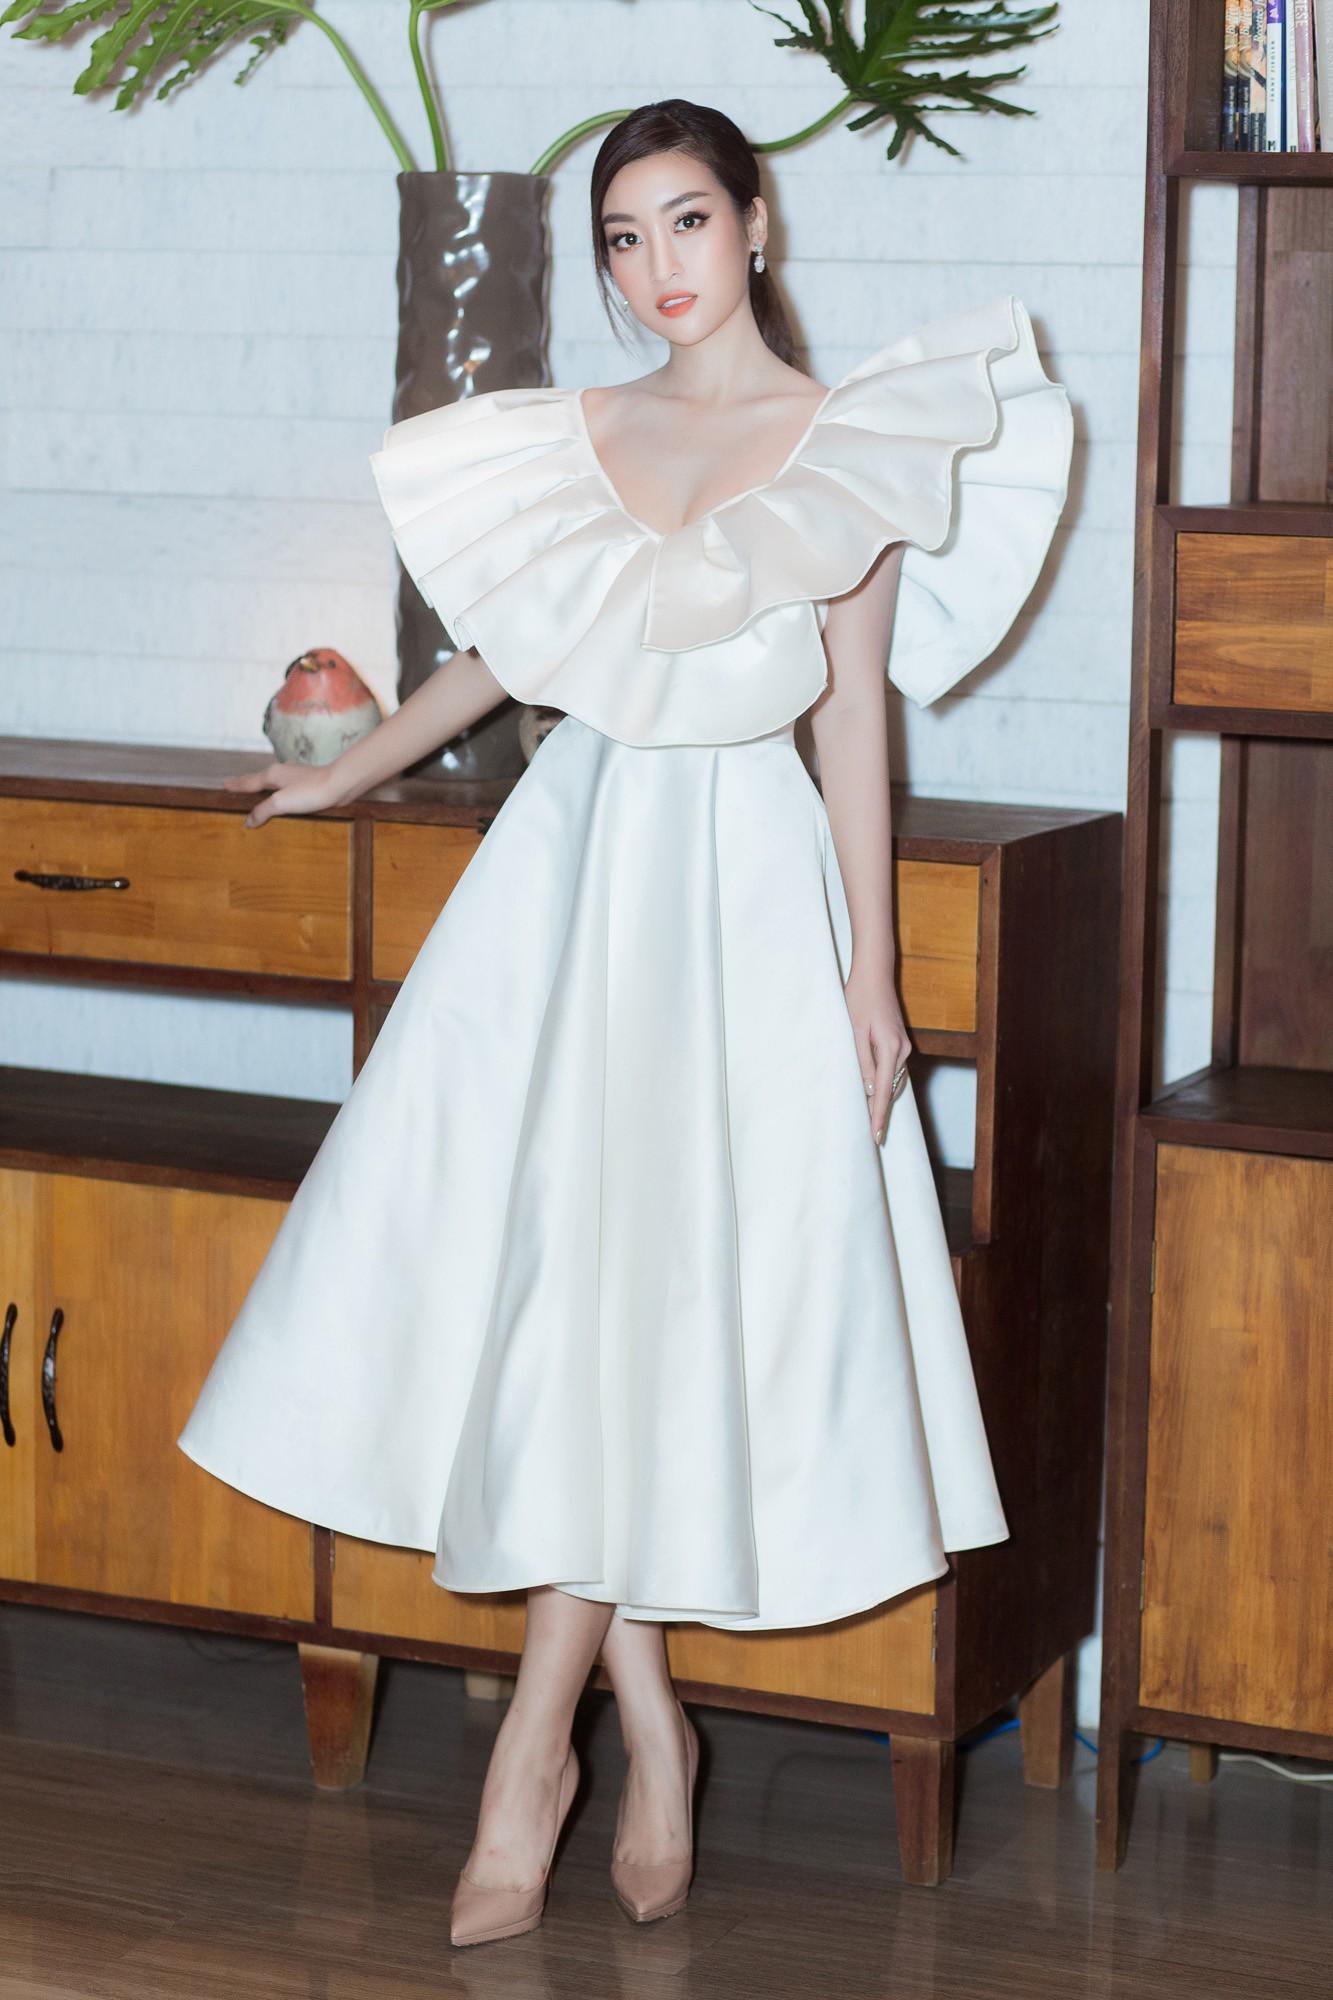 Spotlight thảm đỏ của NTK Lý Quí Khánh: Khi Hòa Minzy trông còn Hoa hậu hơn cả Hoa hậu Tiểu Vy - Ảnh 5.